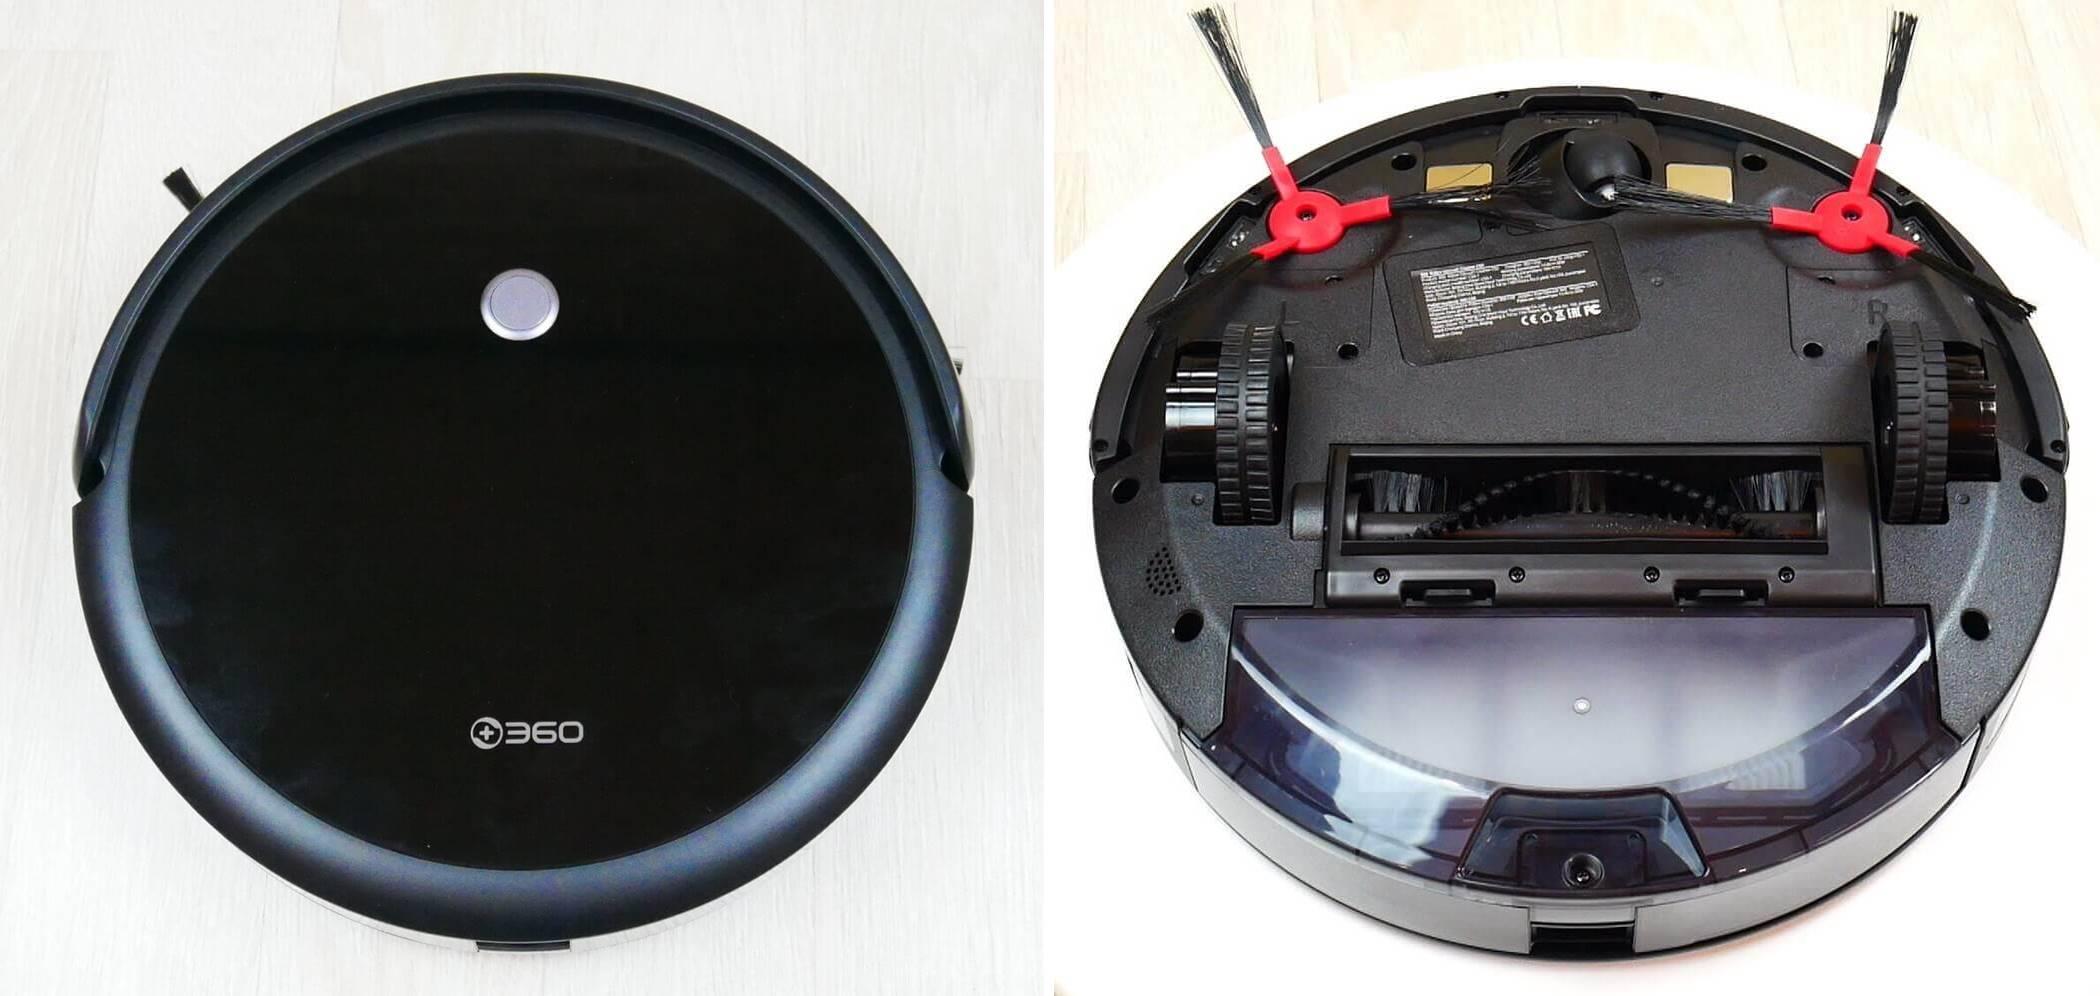 робот пылесос 360 c50